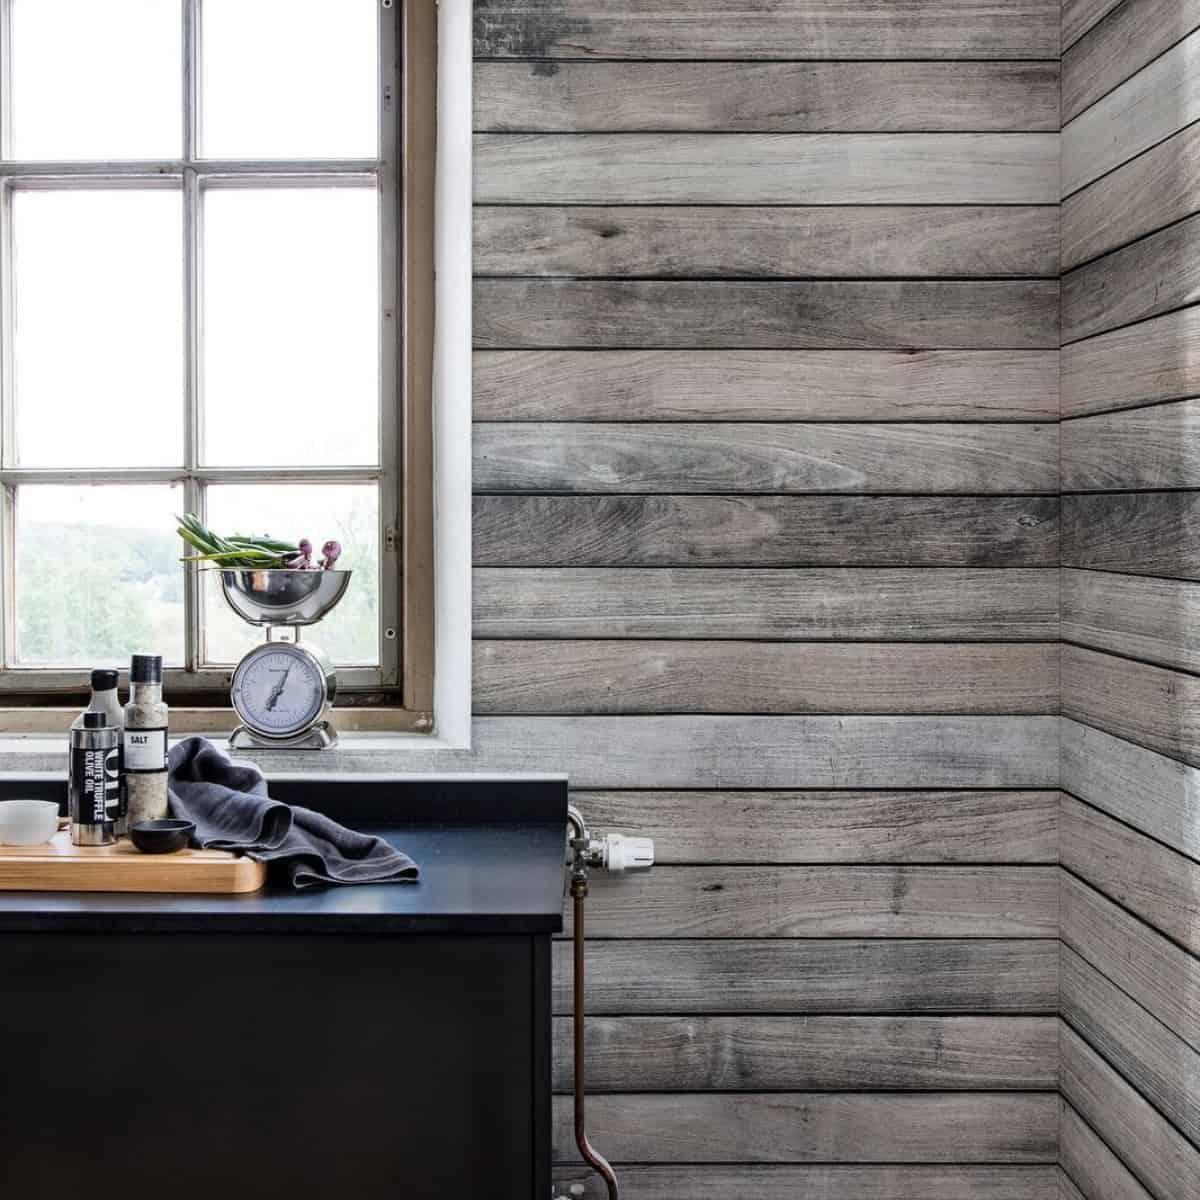 perete cu fototapet care imita scandurile din lemn este în topul culorilor pentru bucătărie în 2020